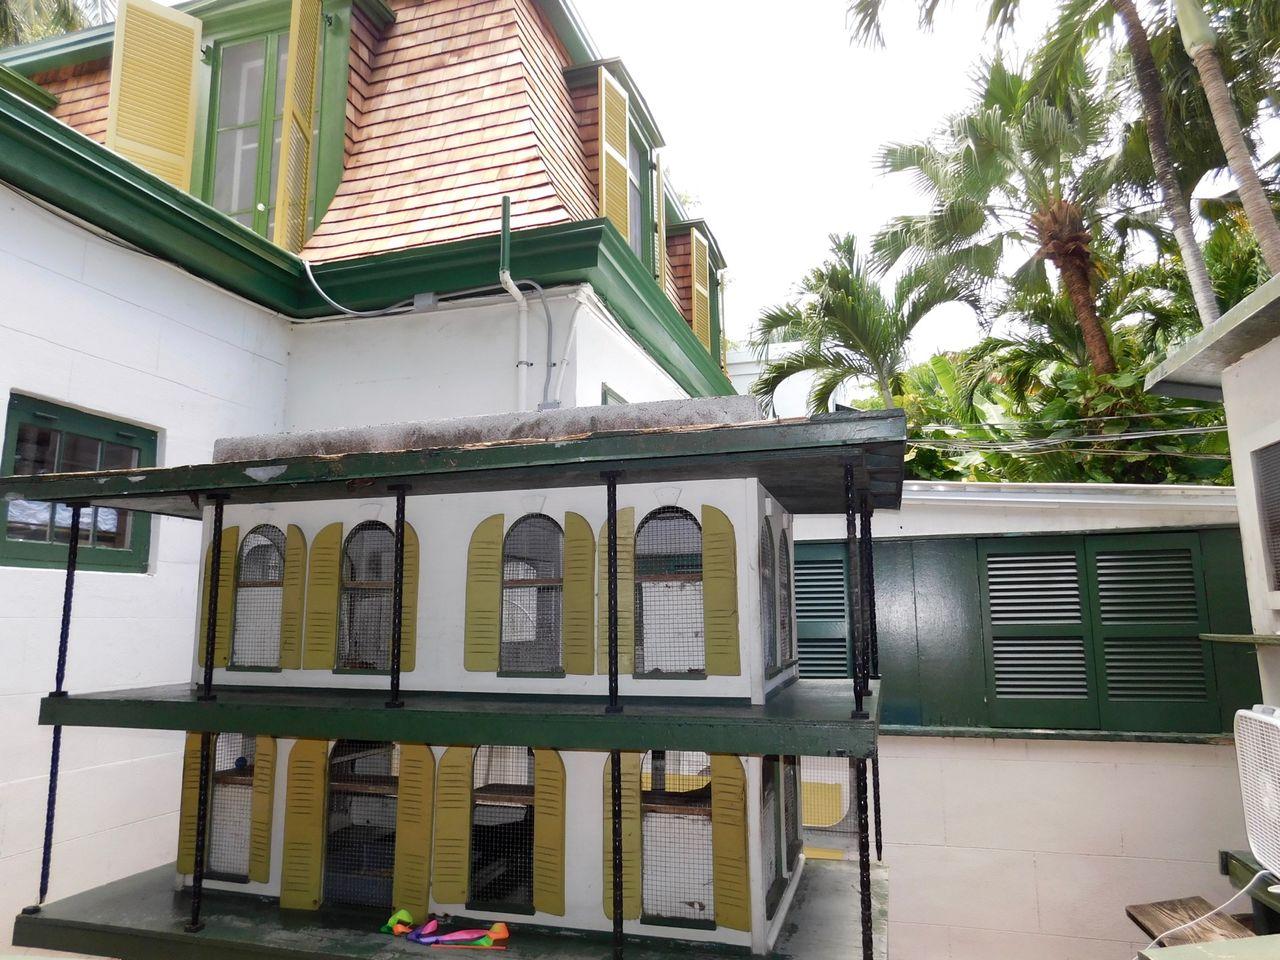 Hemingway House Key West 4874 Le Courrier De Floride